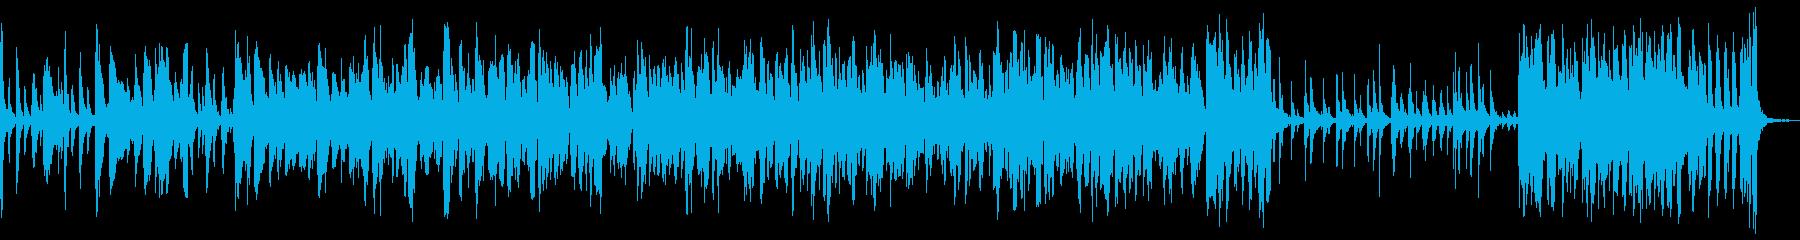 明るく快適なアコースティックジャズの再生済みの波形